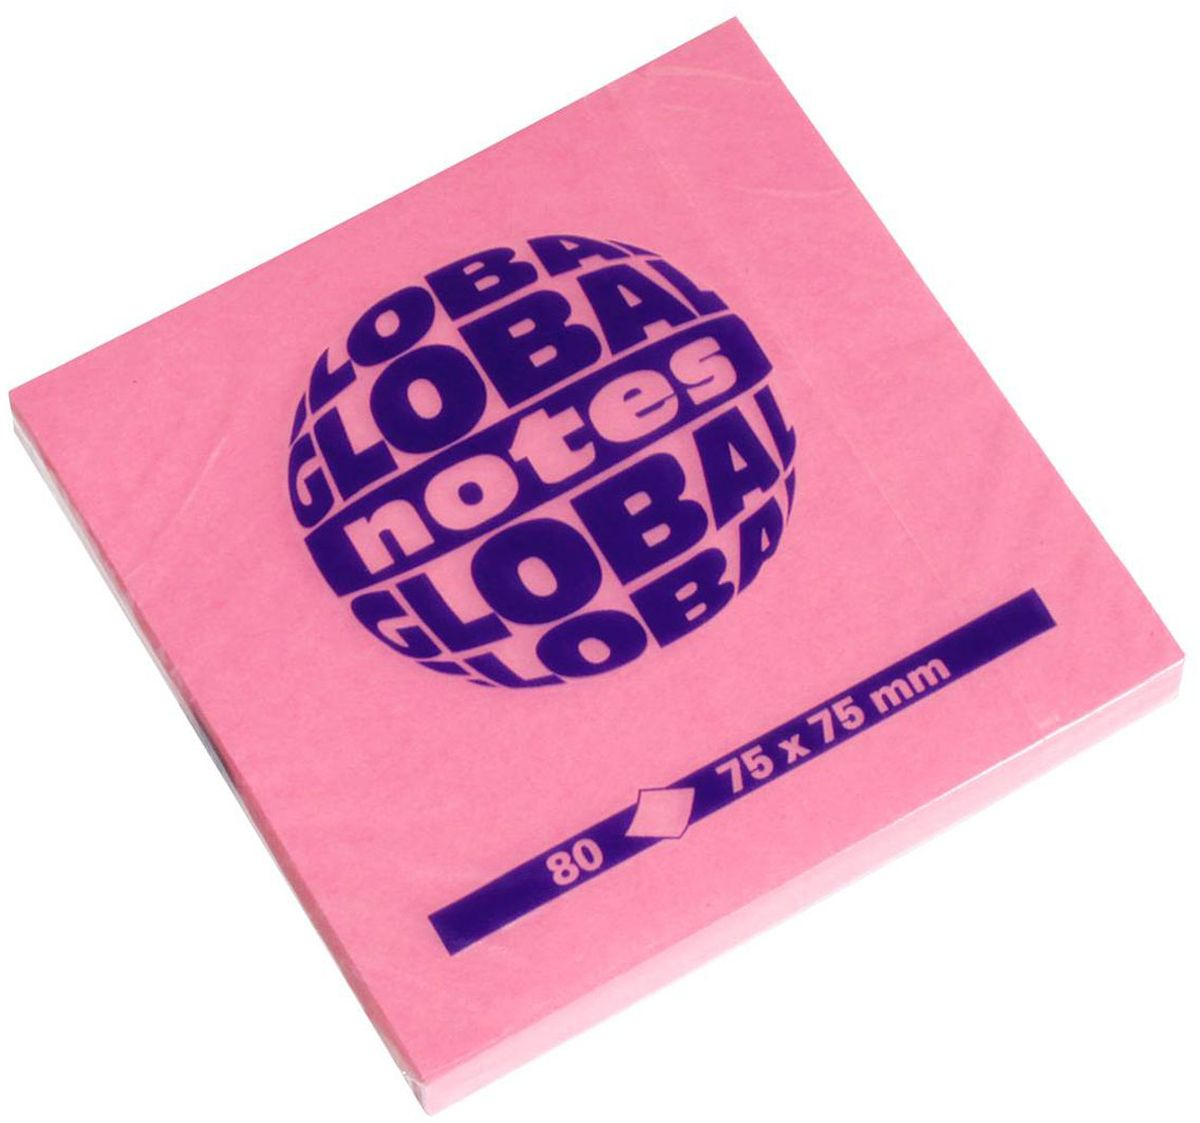 Global Notes Бумага для заметок с липким слоем цвет розовый 7,5 х 7,5 см 80 листов365432Бумага для заметок с липким краем Global Notes - это удобное и практичное решение для быстрой записи информации дома или на работе.Качественная клеевая полоса рассчитана на крепление к любой поверхности, позволяет приклеивать и отклеивать листок неограниченное количество раз, не оставляя следов. Блок состоит из 80 листов бумаги ярко-розового цвета.Размер блока - 75 х 75 мм.Плотность бумаги 70г/м2.